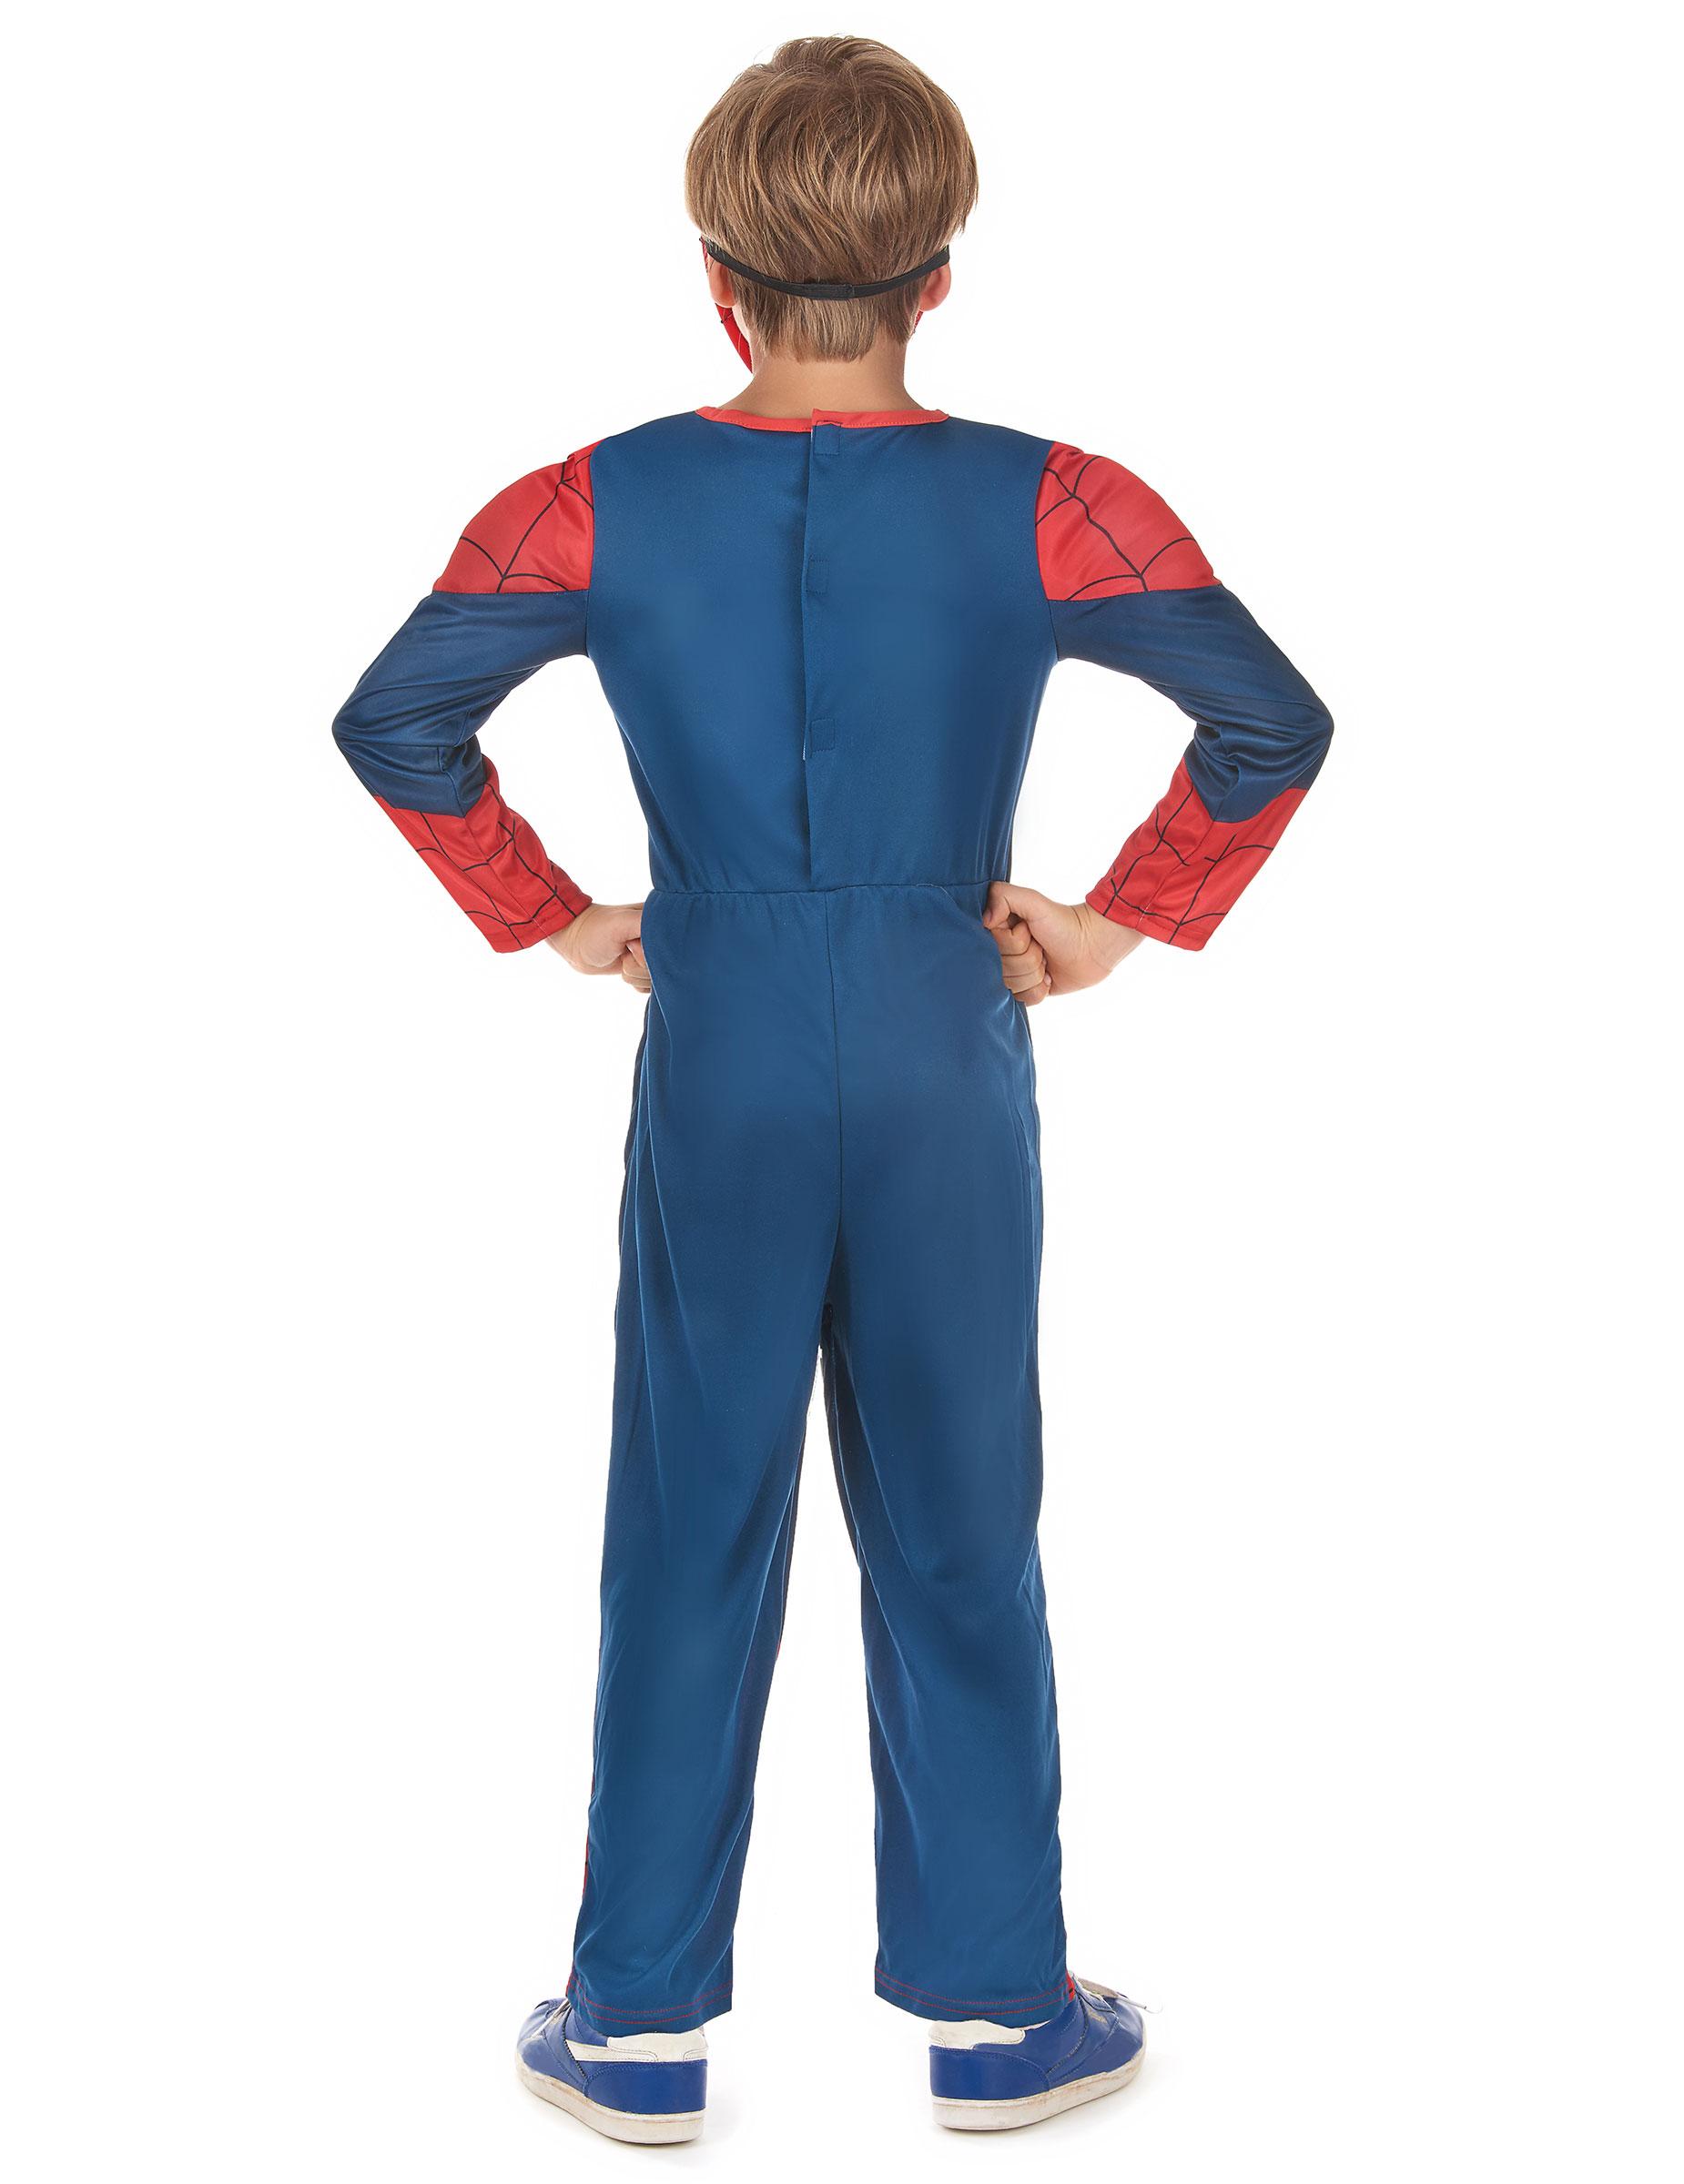 d guisement luxe 3d eva spiderman ultimate enfant coffret deguise toi achat de d guisements. Black Bedroom Furniture Sets. Home Design Ideas